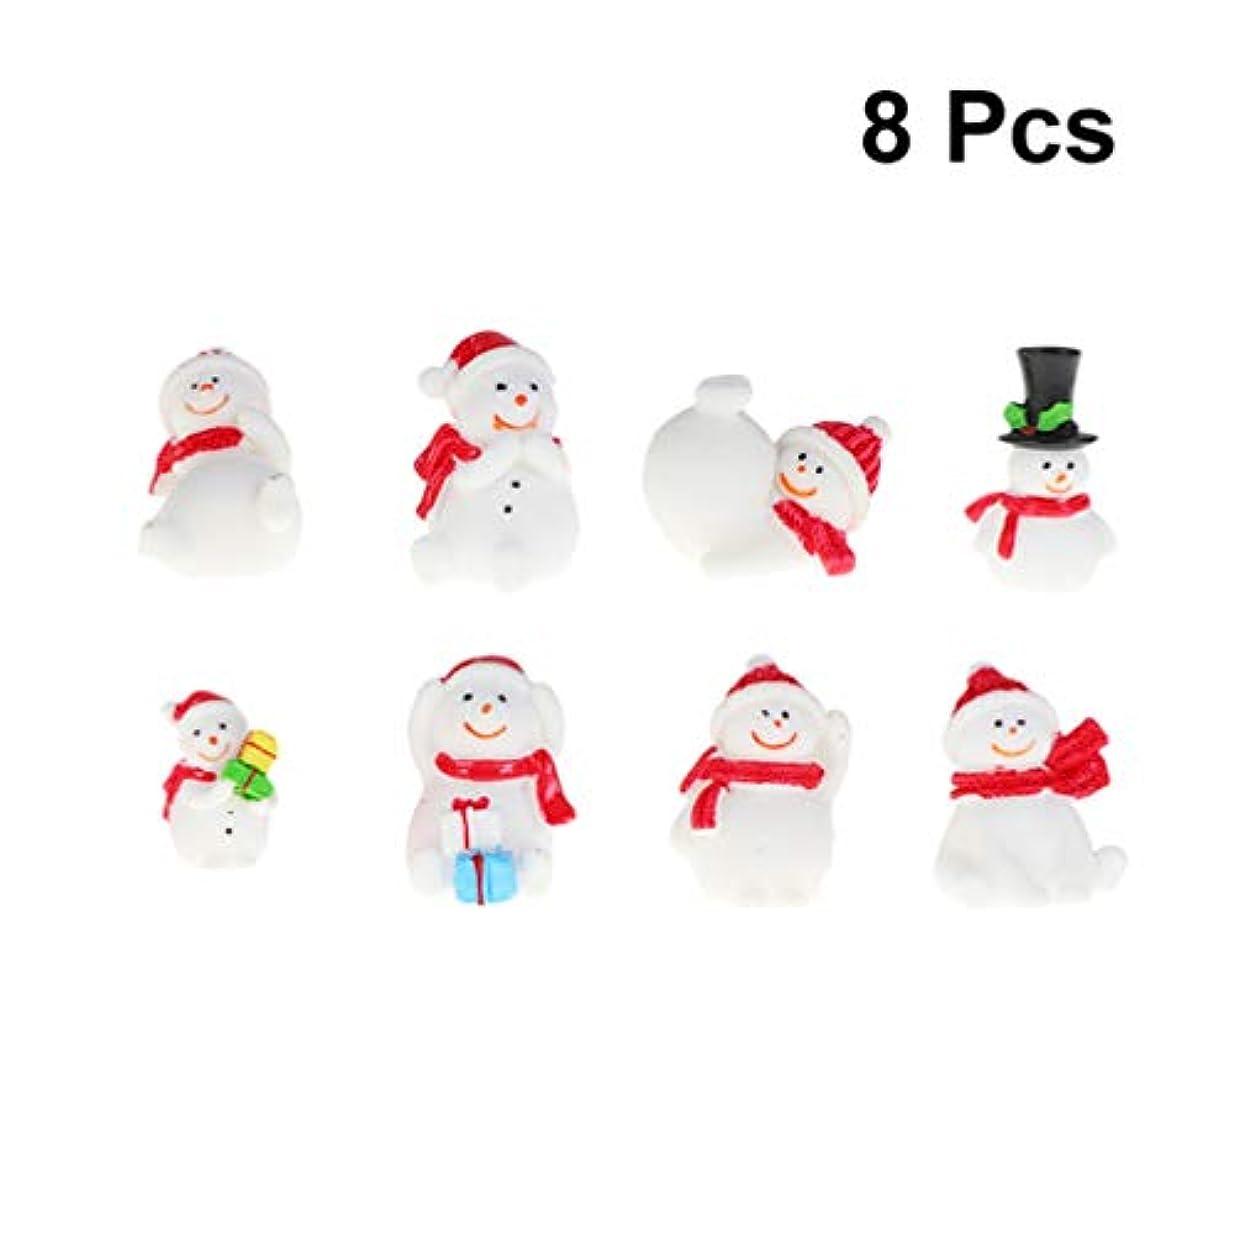 ただ制裁食器棚SUPVOX 8ピースクリスマス樹脂ミニチュア雪だるま妖精ガーデンドールハウス装飾装飾品diyキット